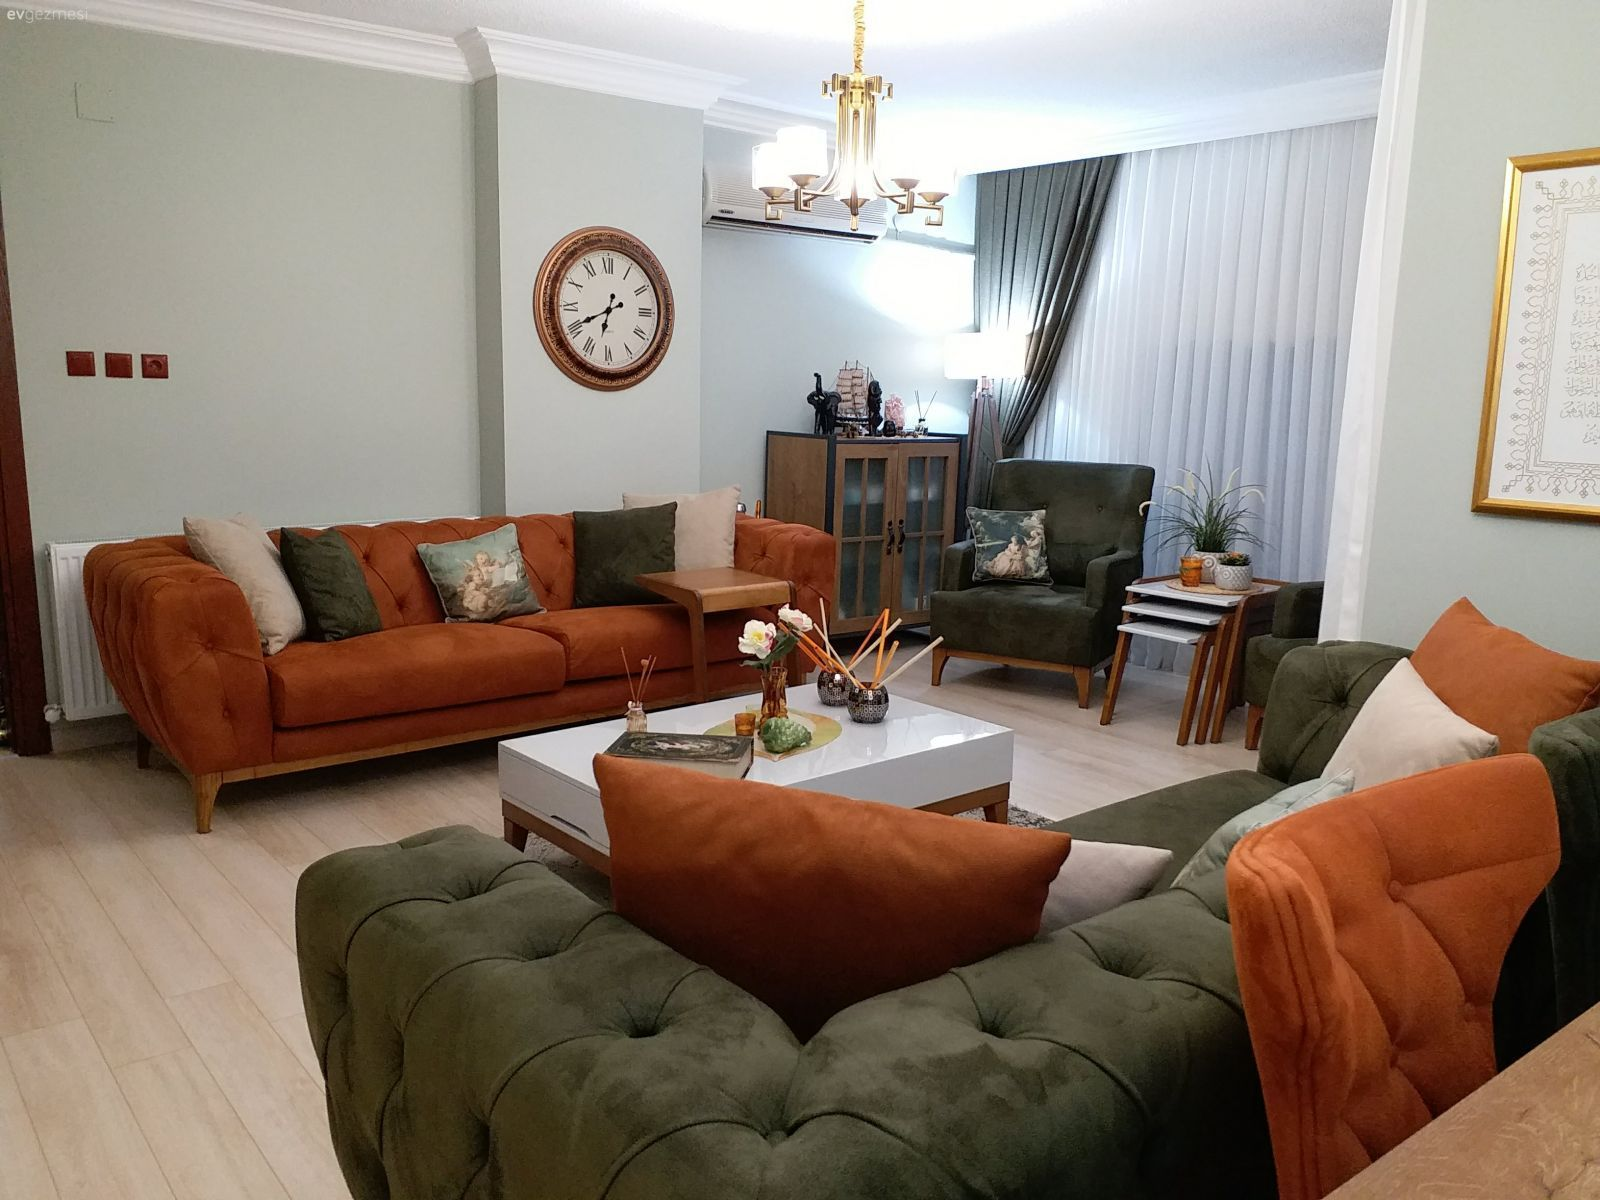 Our Hall 2nd Dekore Wohnzimmerideen Livingroomdecoration Livingroomdecor Wohnzimmer Einrichten Dekoration Wohnung Wohnen